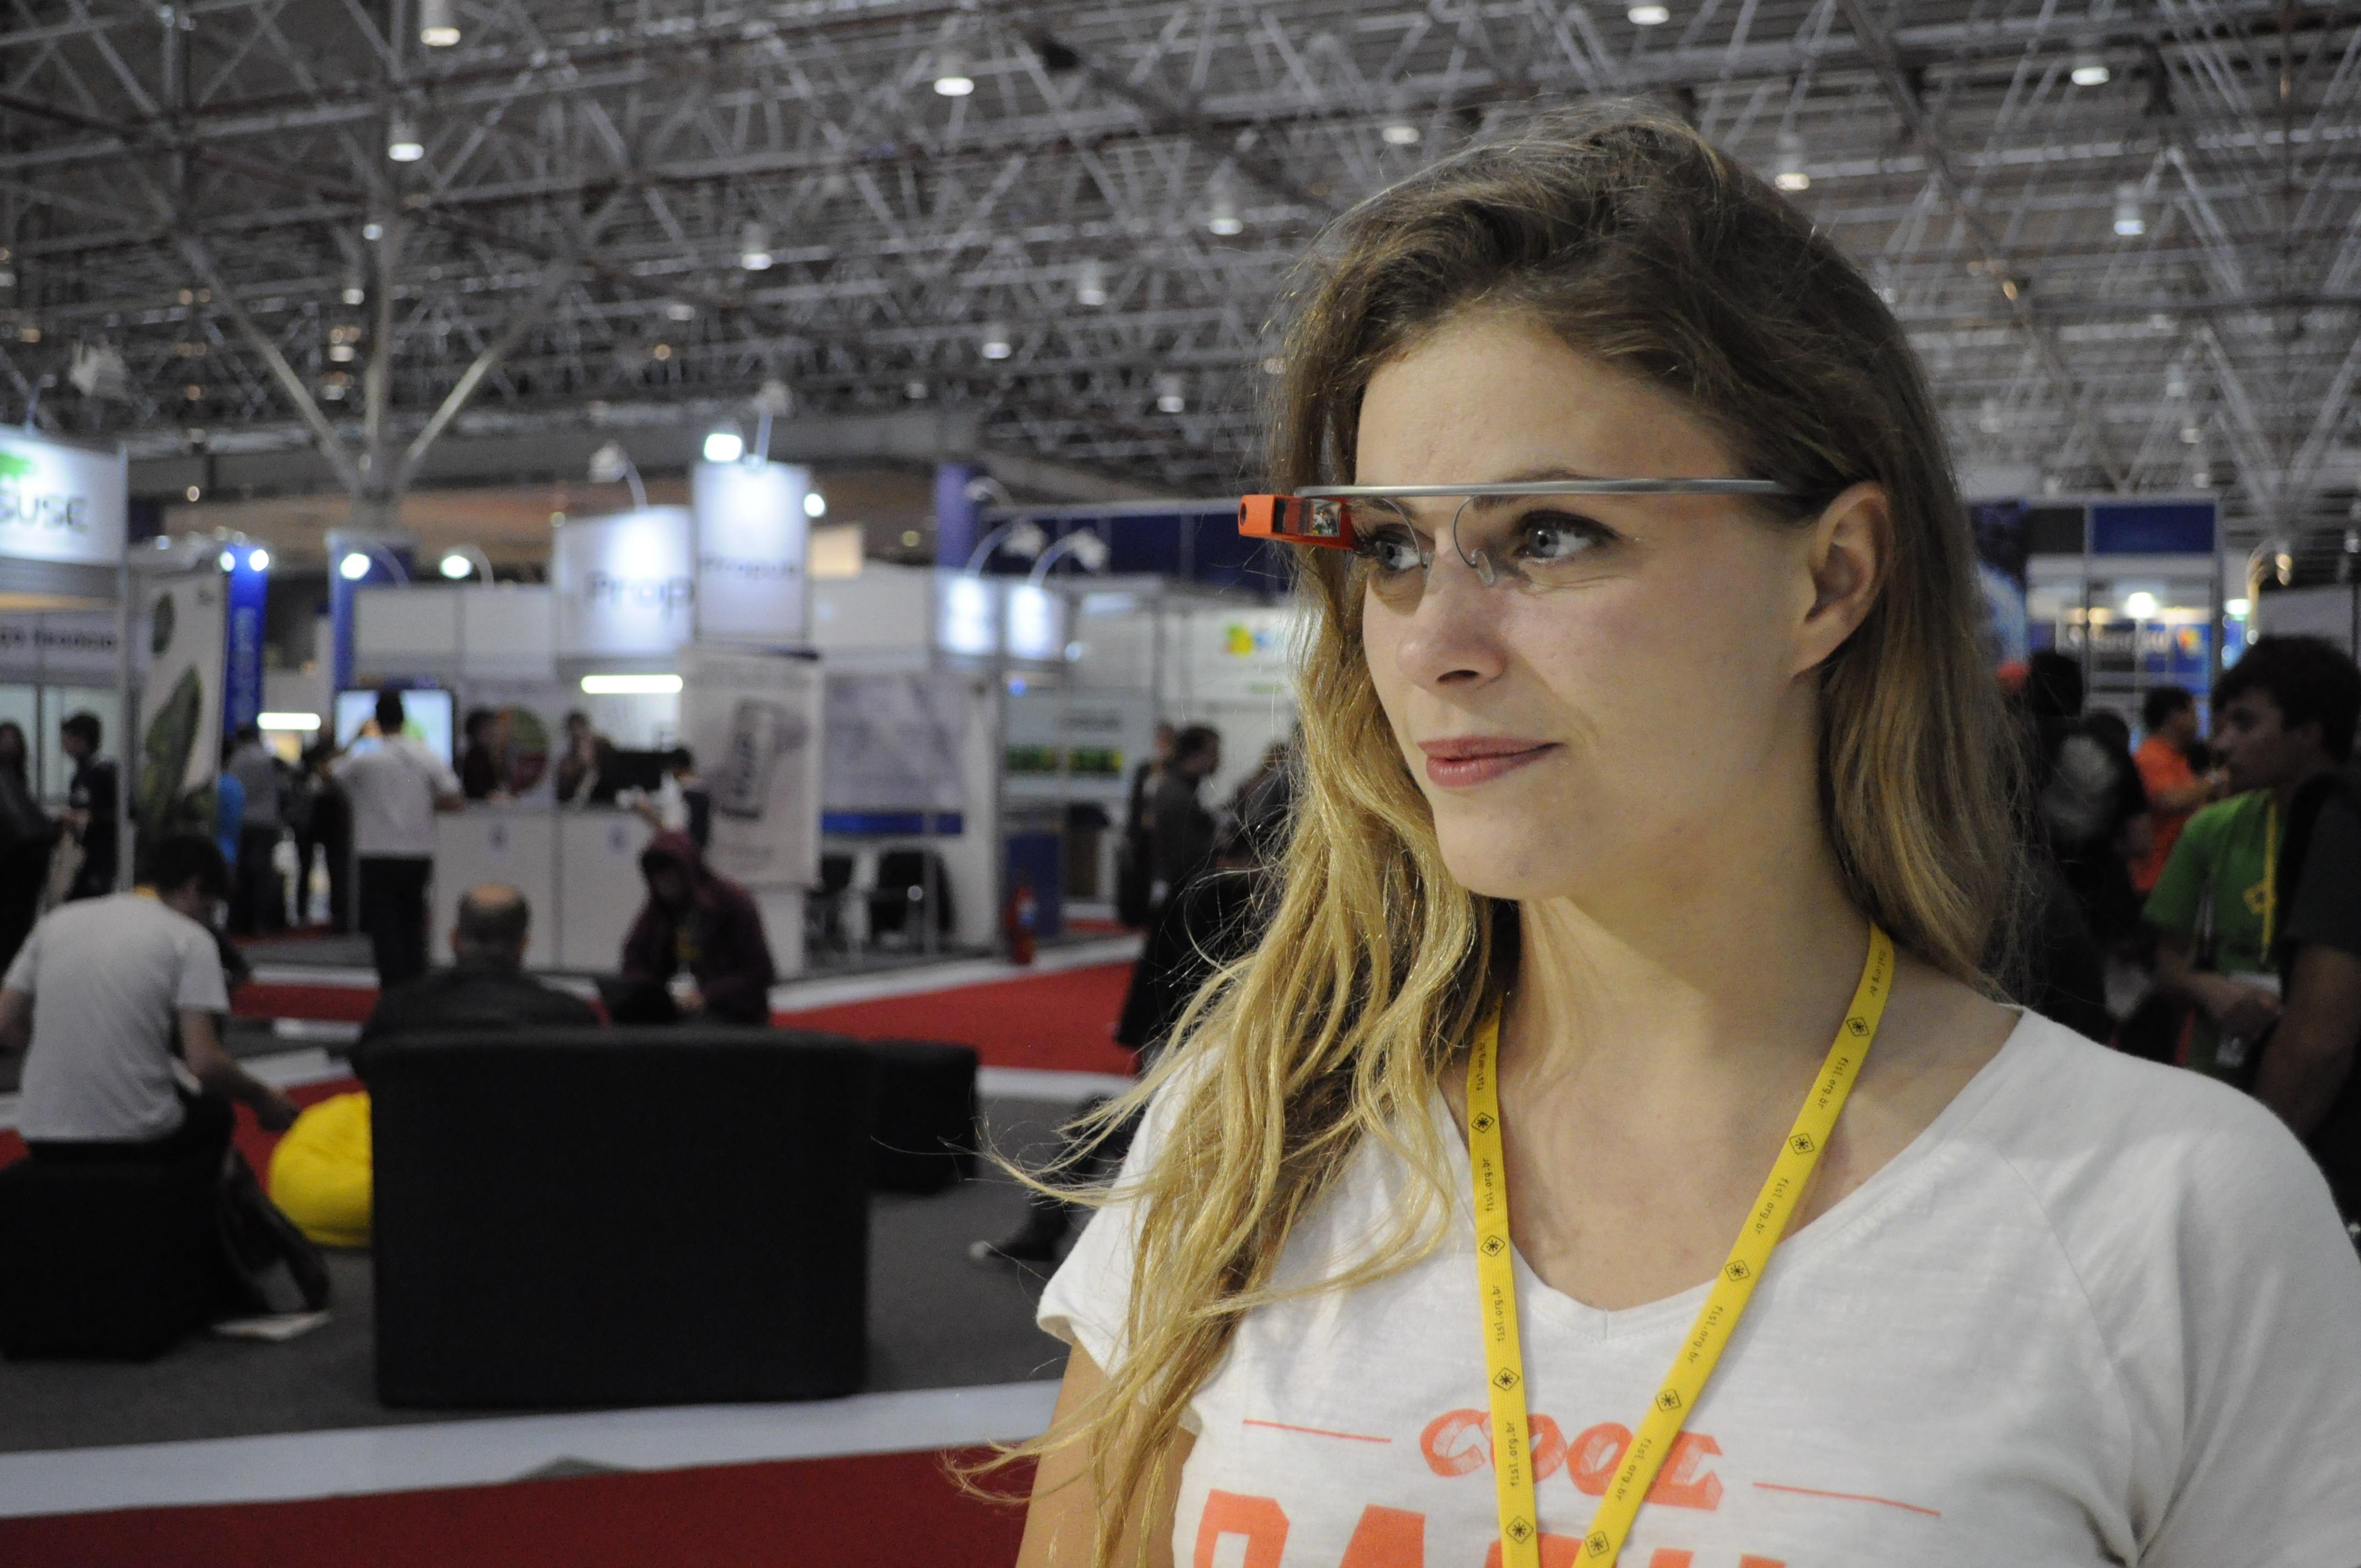 Camille com o Google Glass no Fisl (Foto: Giordano Tronco/Techtudo)